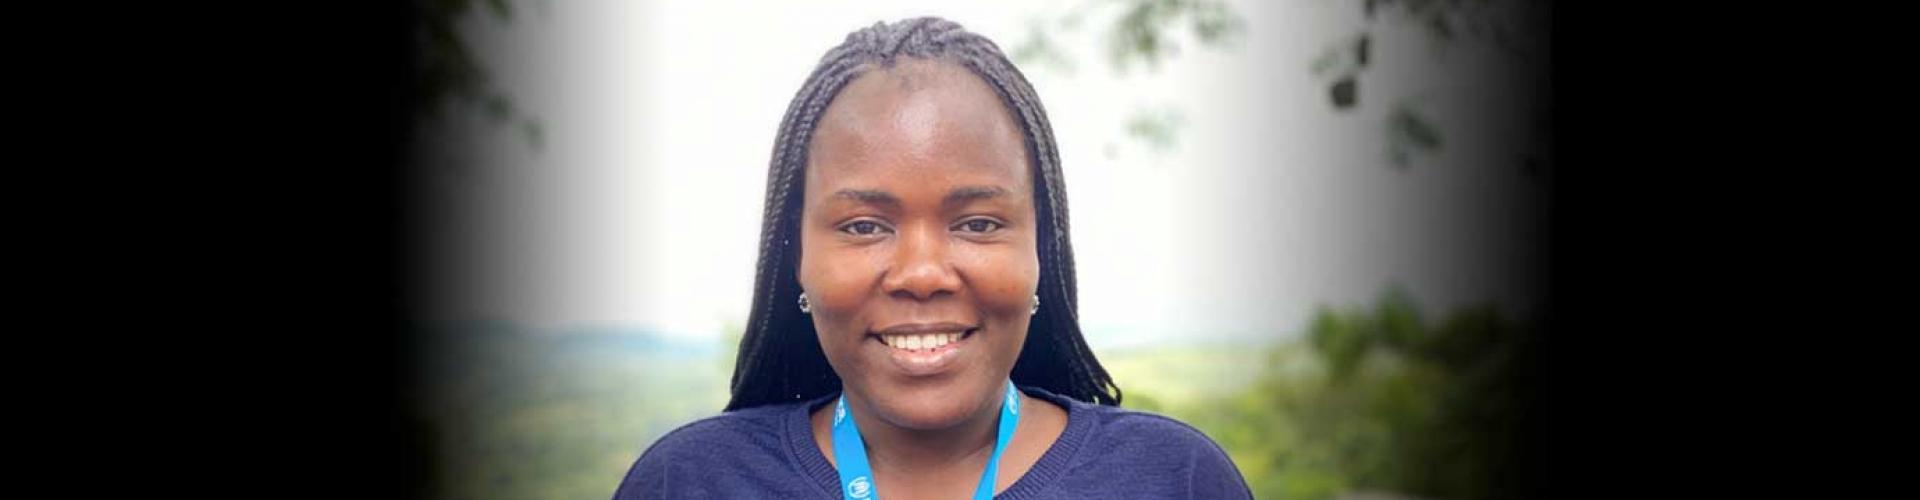 ประสบการณ์จากการทำงานในวิกฤตการแพร่ระบาดของเชื้ออีโบลา ช่วยปกป้องผู้ลี้ภัยจาก COVID-19